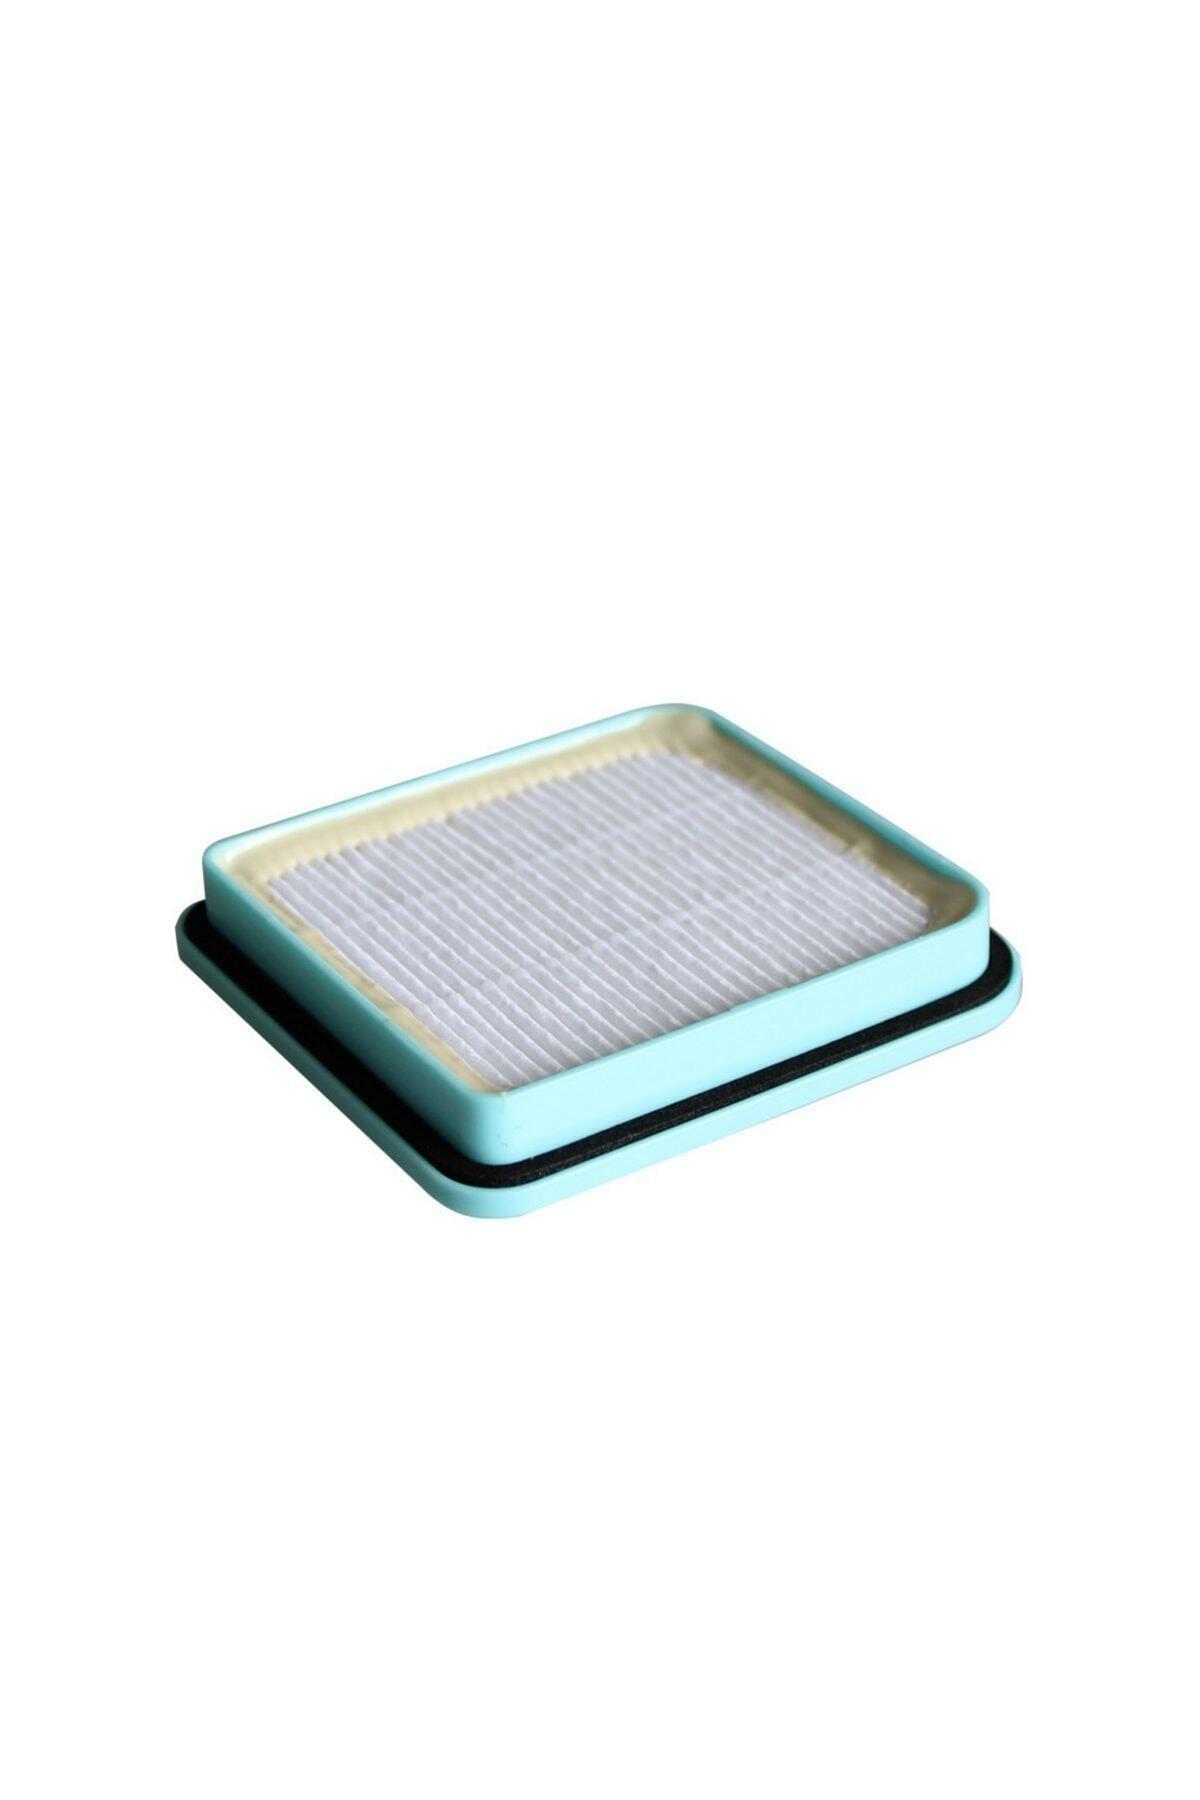 BLC Filtre Philips Uyumlu FC 8220 HEPA Filtre